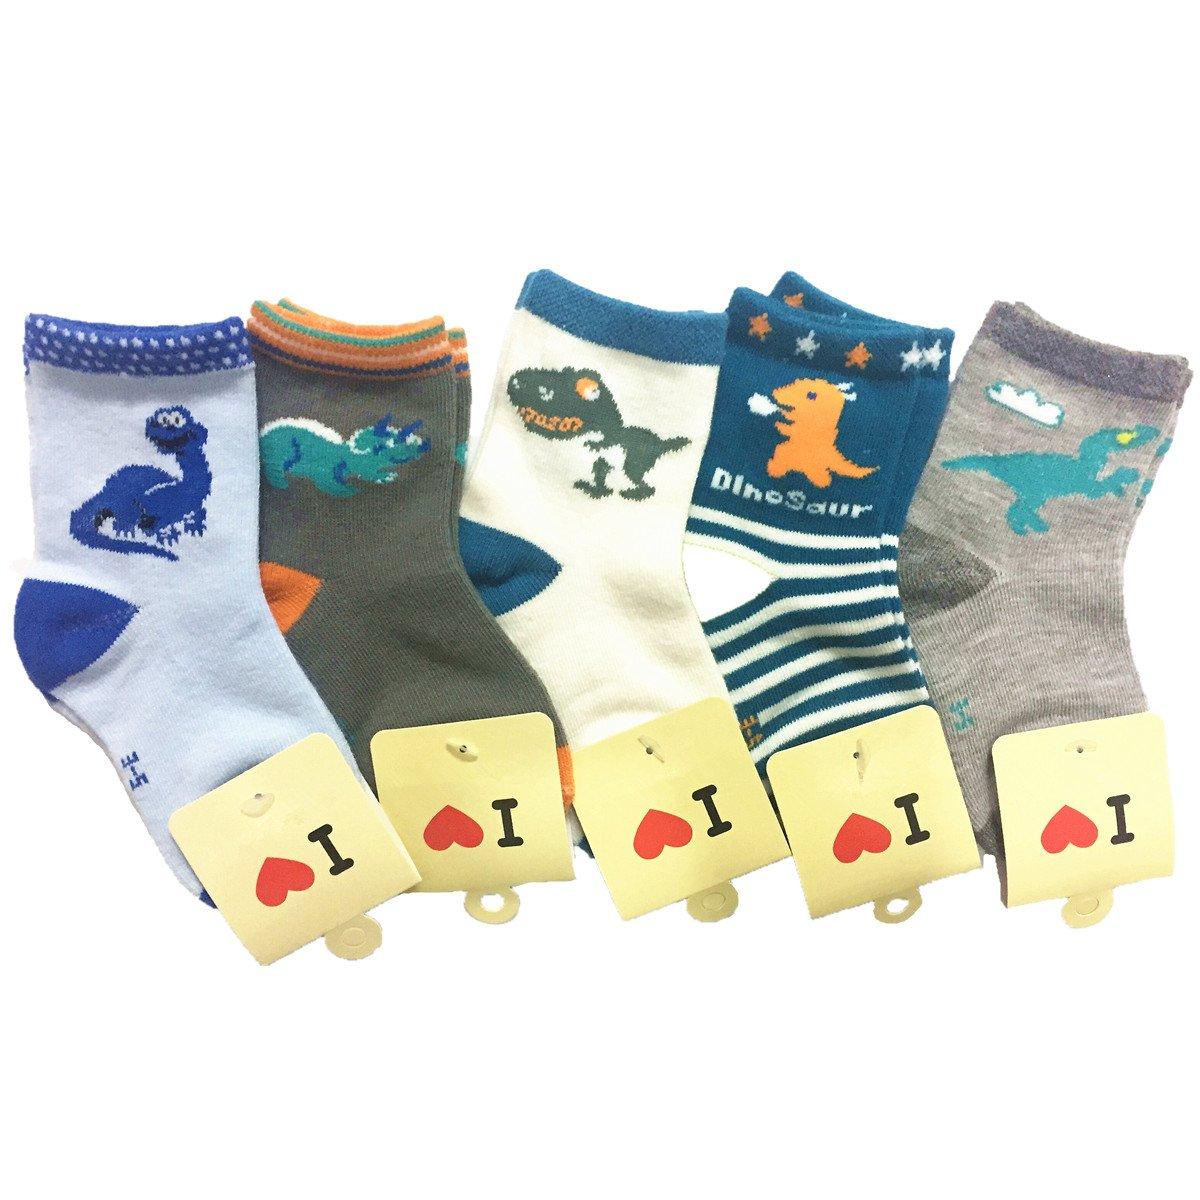 Little Boys Socks Cotton Dinosaur Comfort Crew Socks 5 Pair Pack